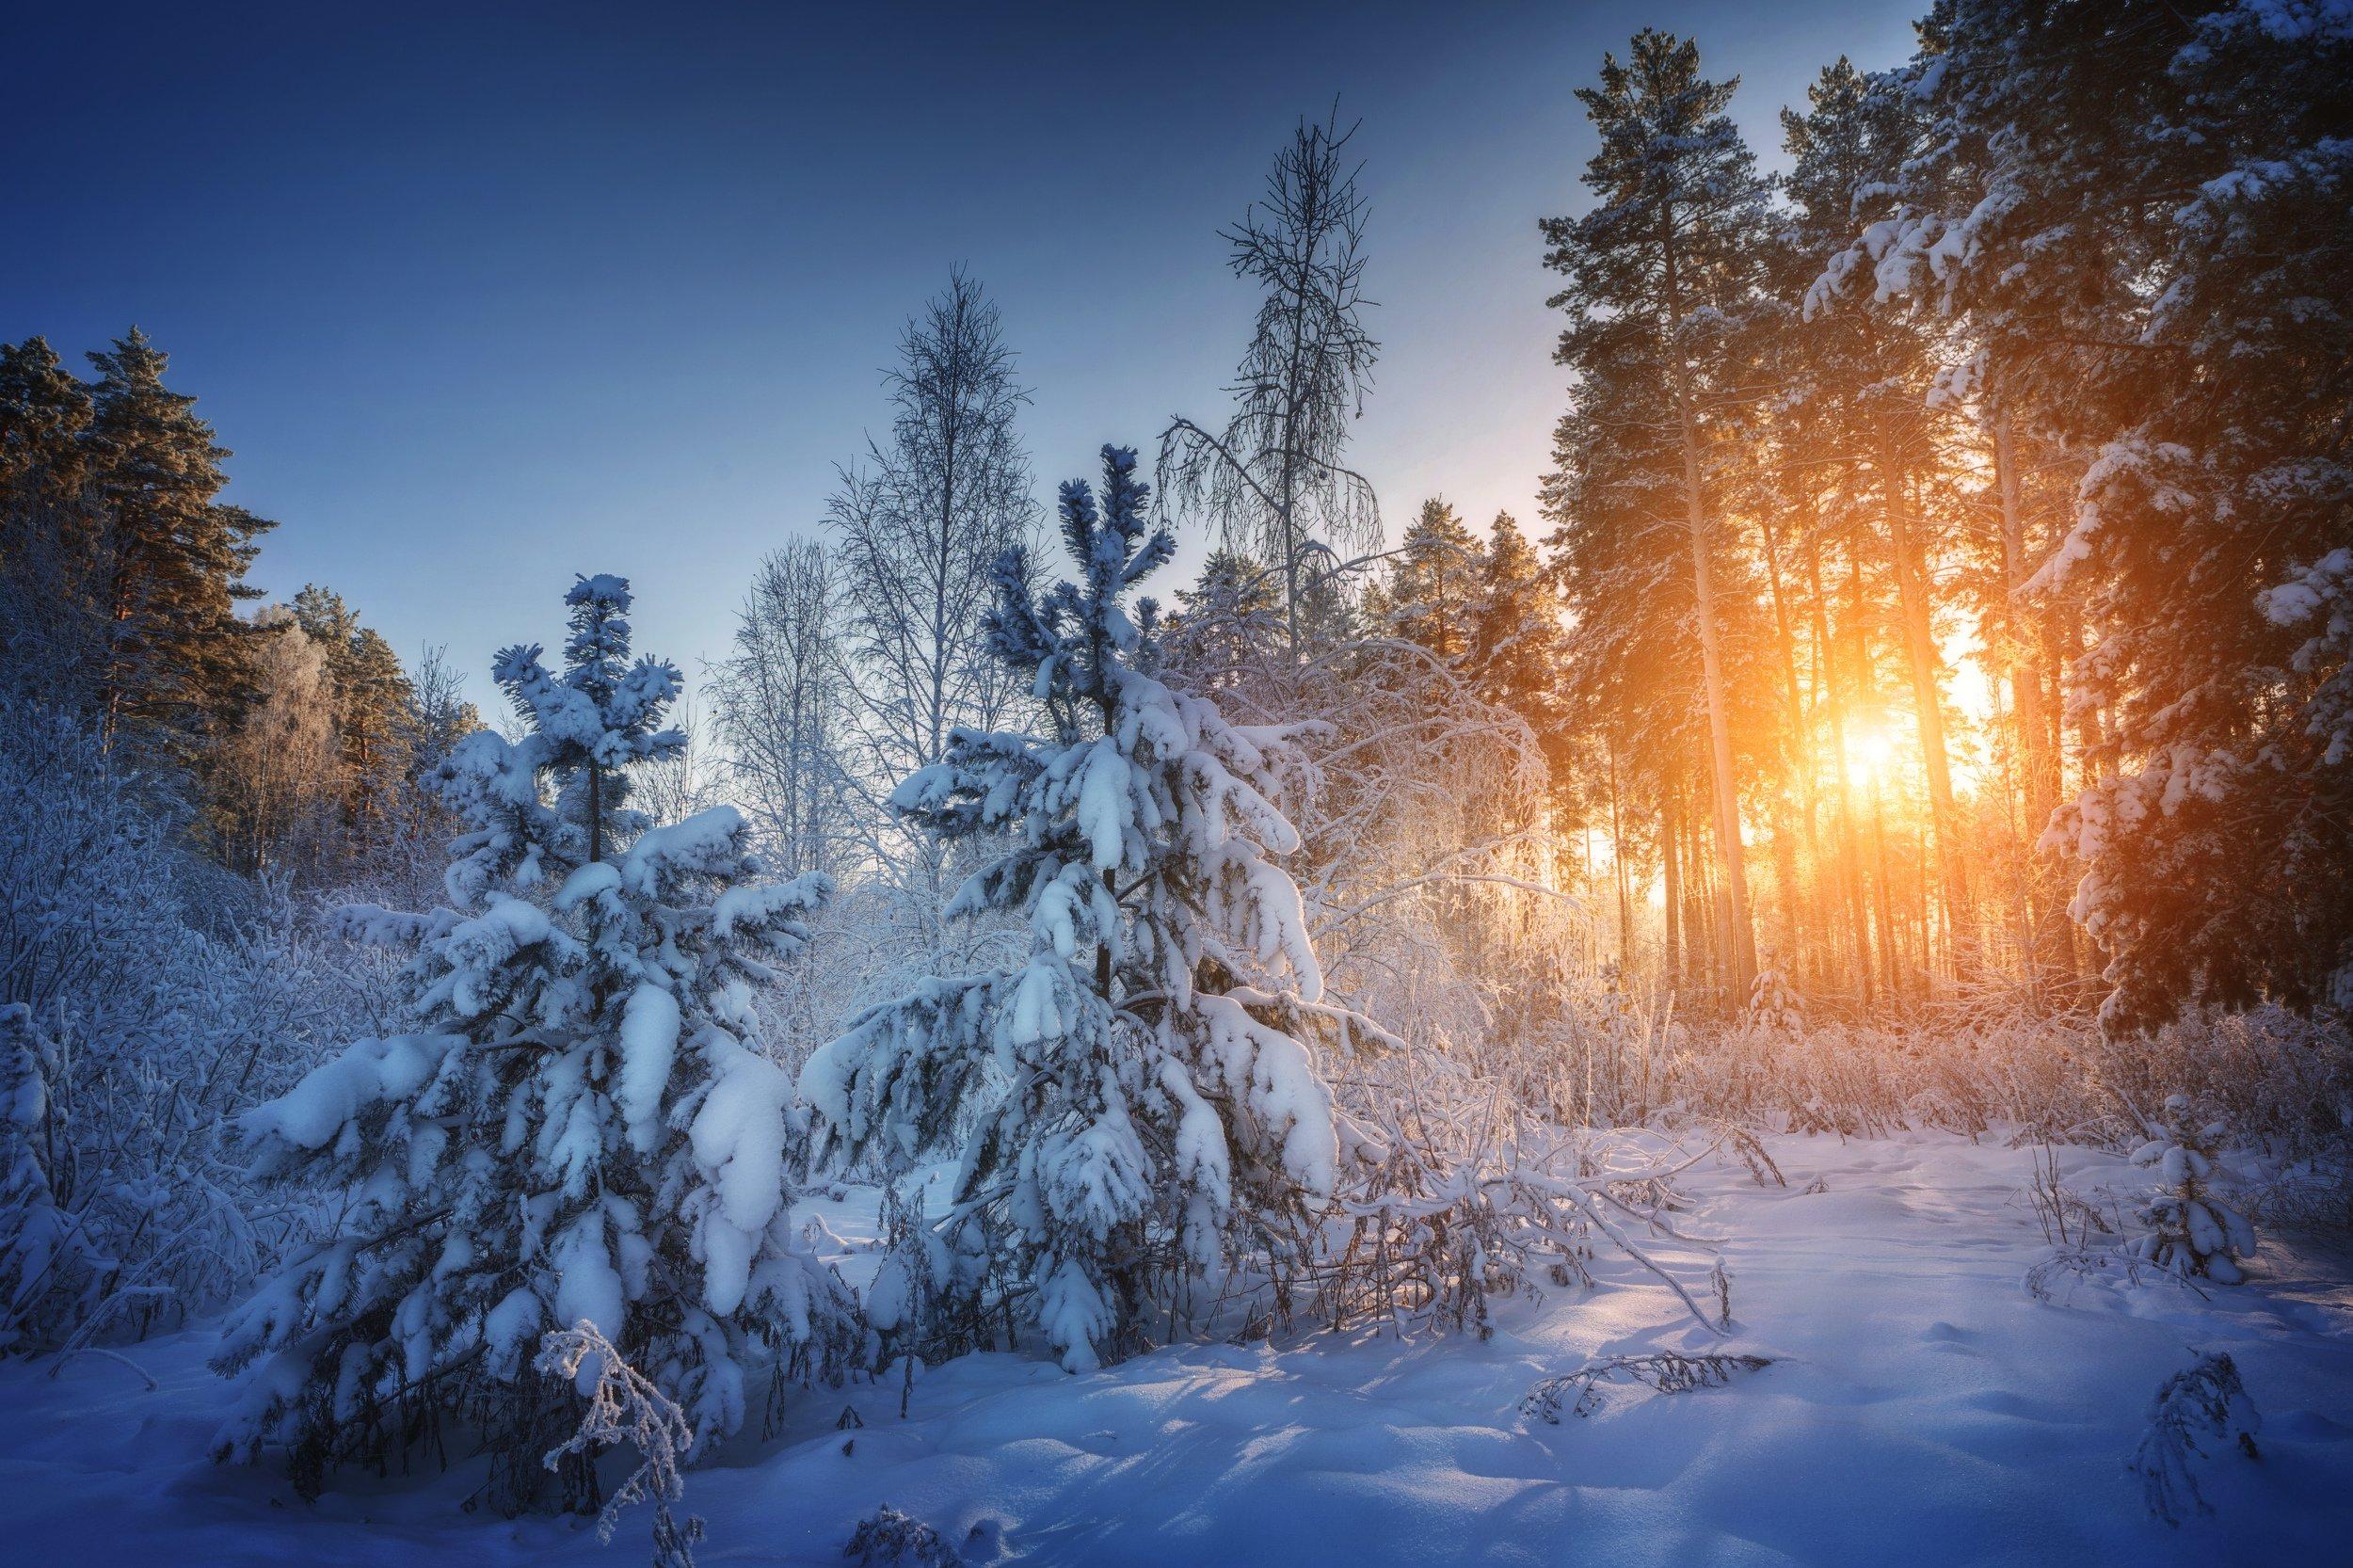 озеро, горы, лес, природа, закат, рассвет, красота, приключения, путешествие, облака, Шевченко Николай